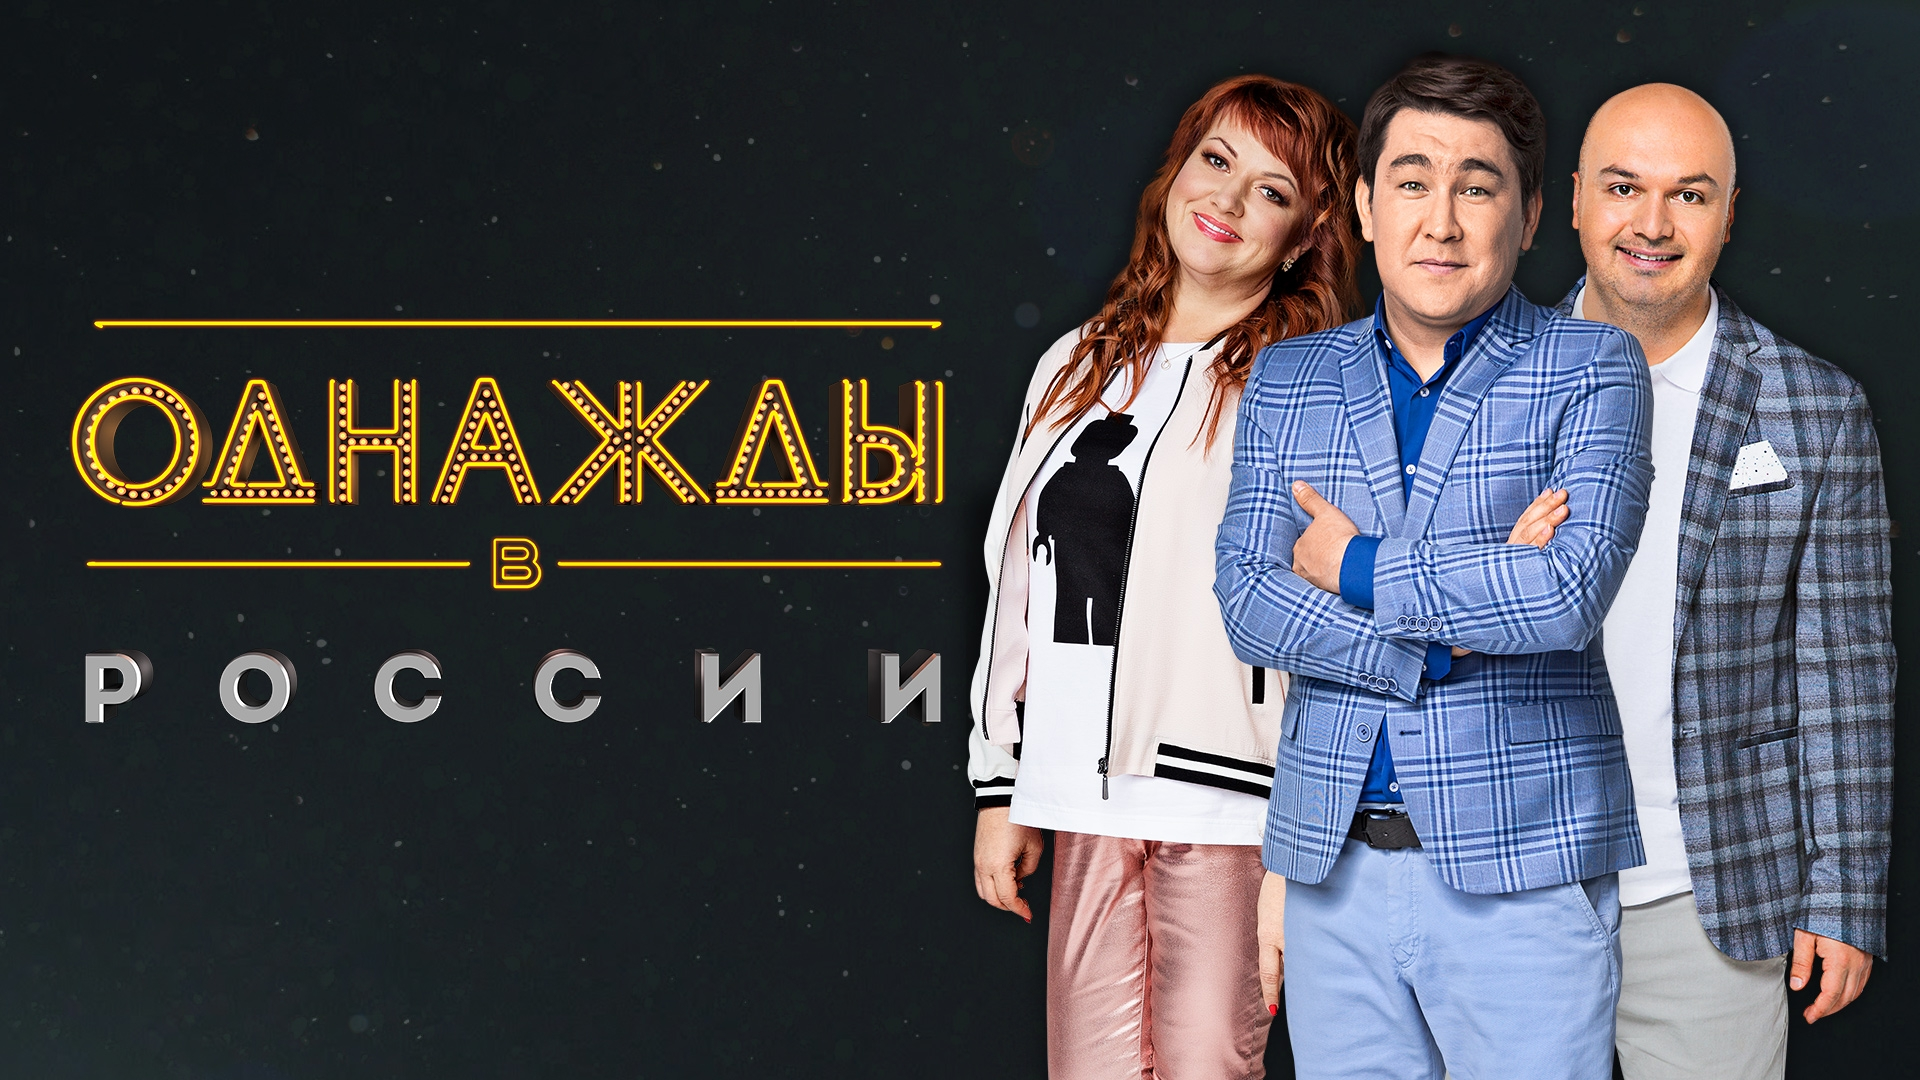 Однажды в России ЭКСКЛЮЗИВ! Премьерный выпуски нового сезона